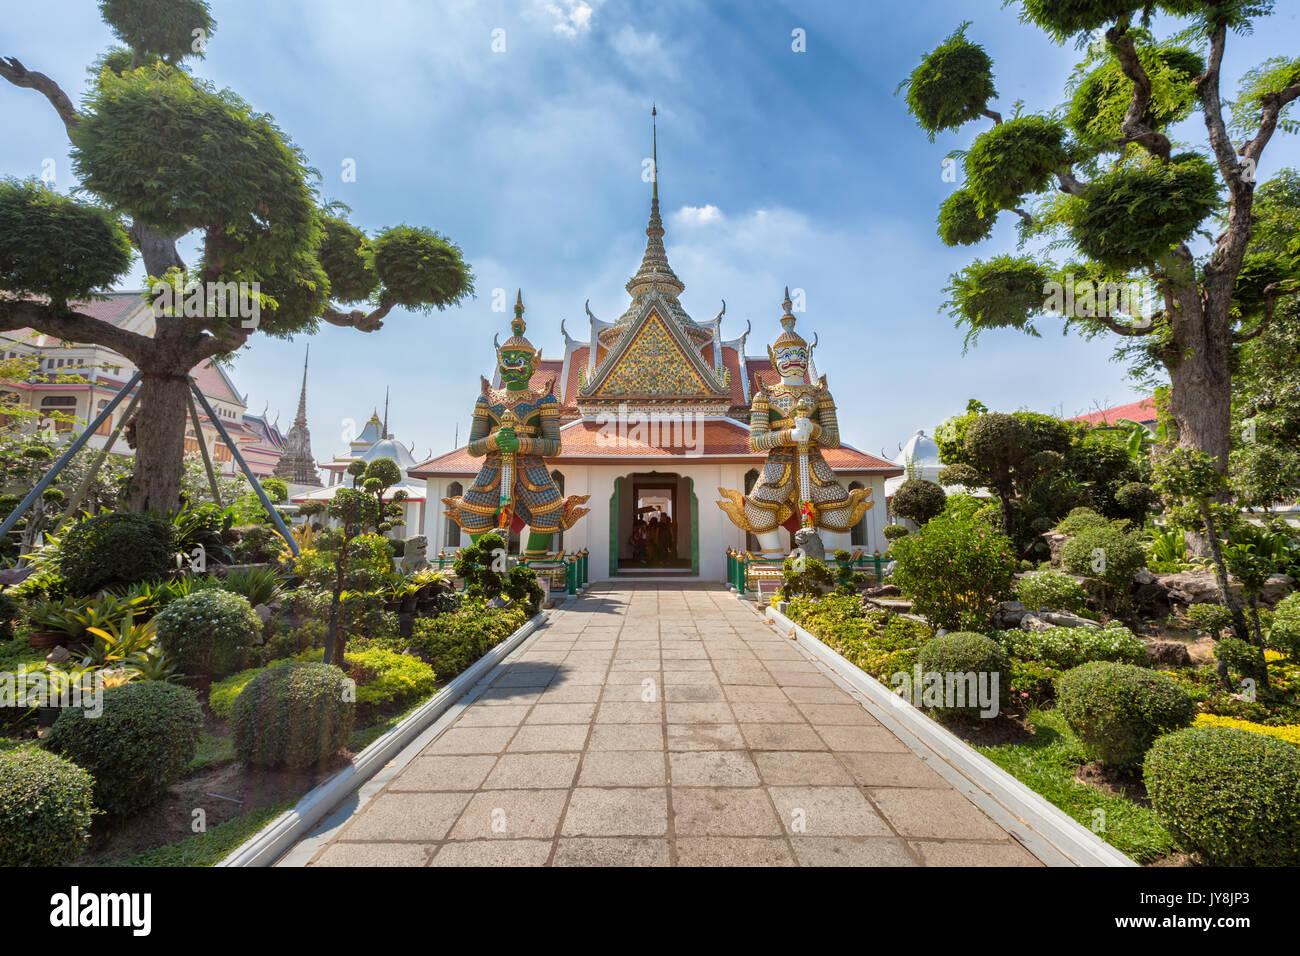 Gigantesco demonio guardian estatuas a la entrada del templo de Wat Arun en Bangkok, Tailandia Imagen De Stock